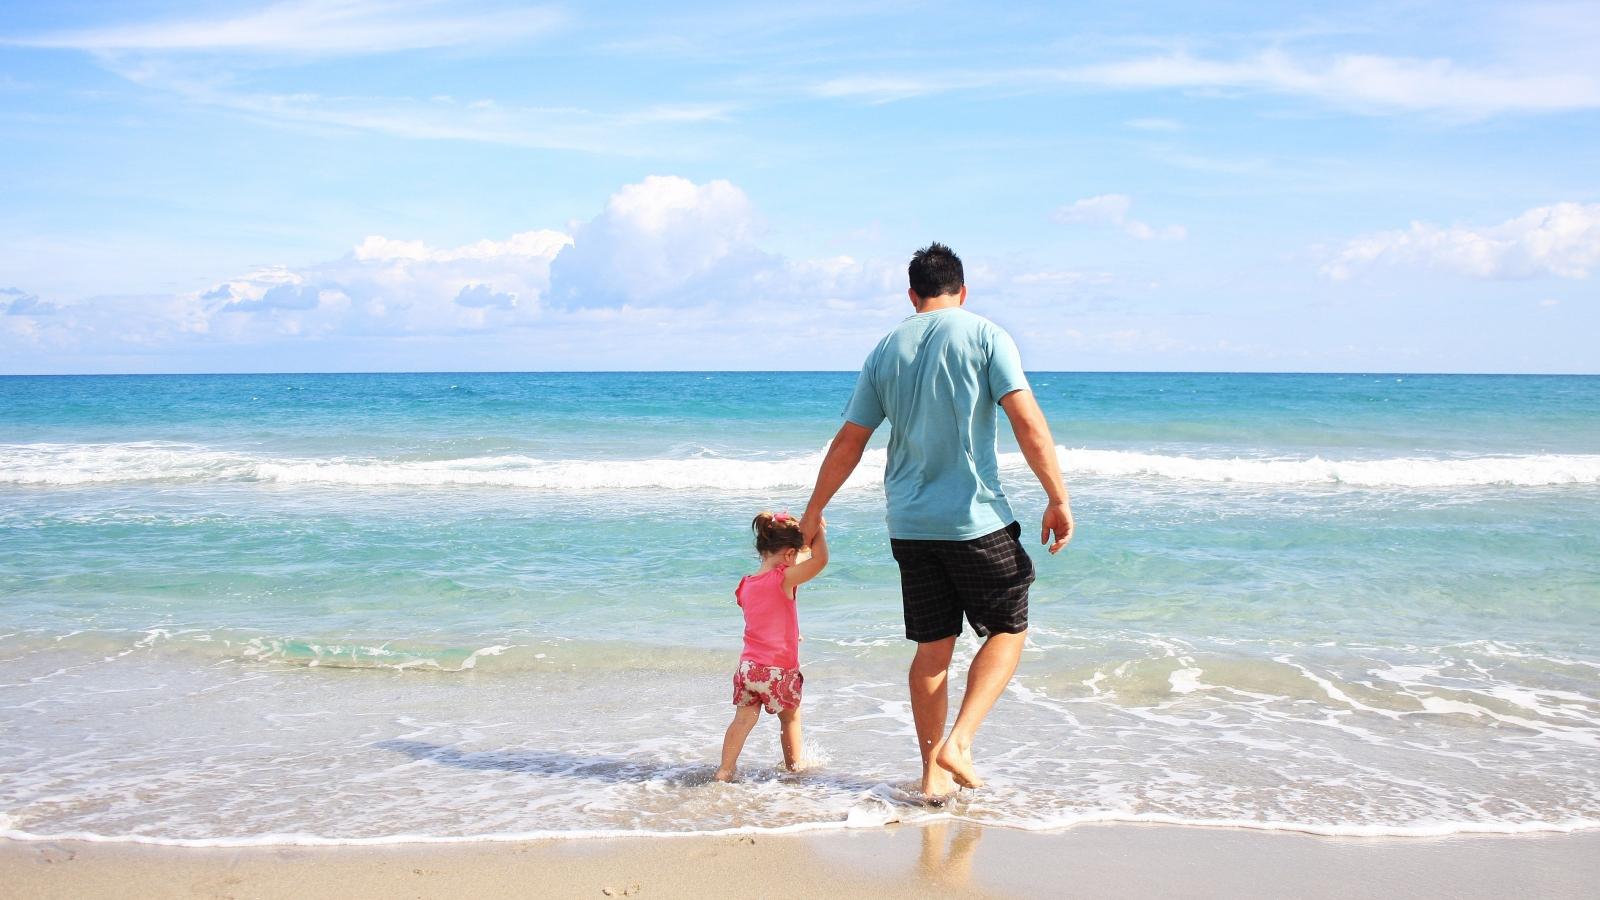 Nhữnglưu ý để có chuyến du lịch biển an toàn cho cả gia đình